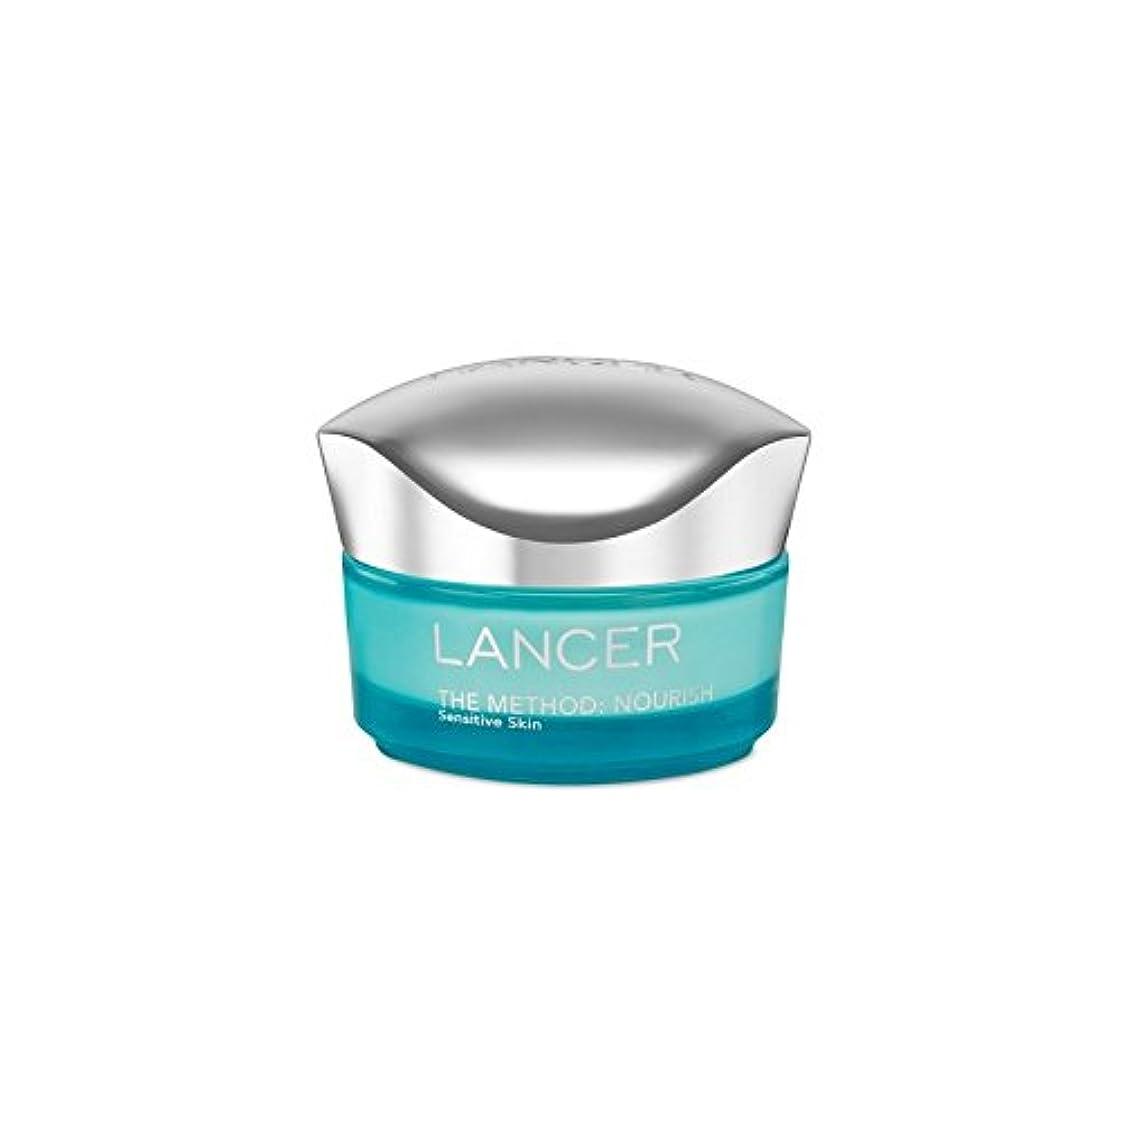 聖歌不完全なアイスクリームLancer Skincare The Method: Nourish Moisturiser Sensitive Skin (50ml) - ランサーは、この方法をスキンケア:保湿敏感肌(50)に栄養を与えます [並行輸入品]